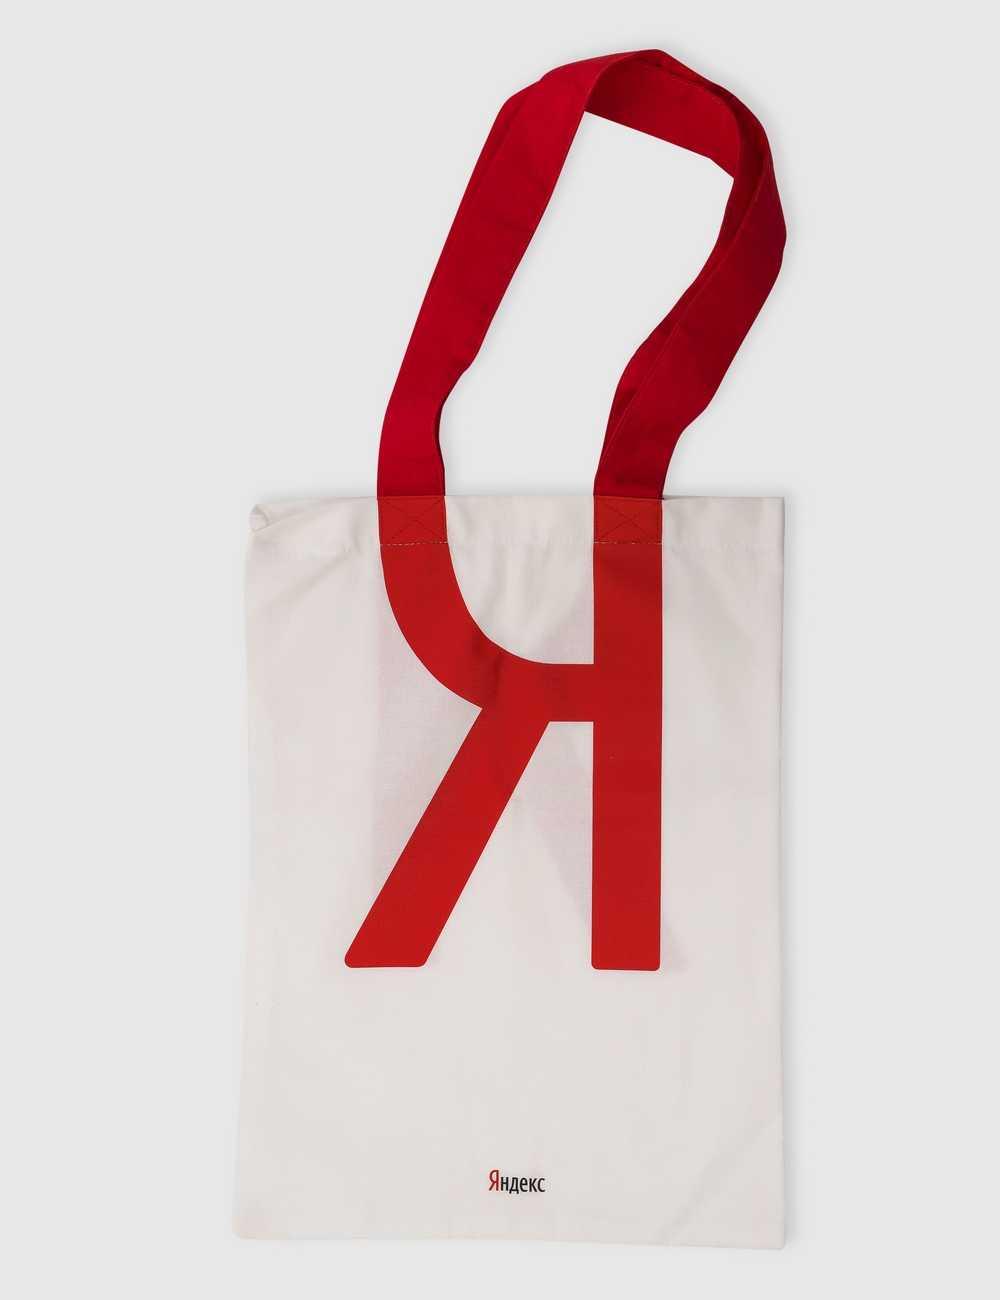 Рекламные промо сумки с логотипом